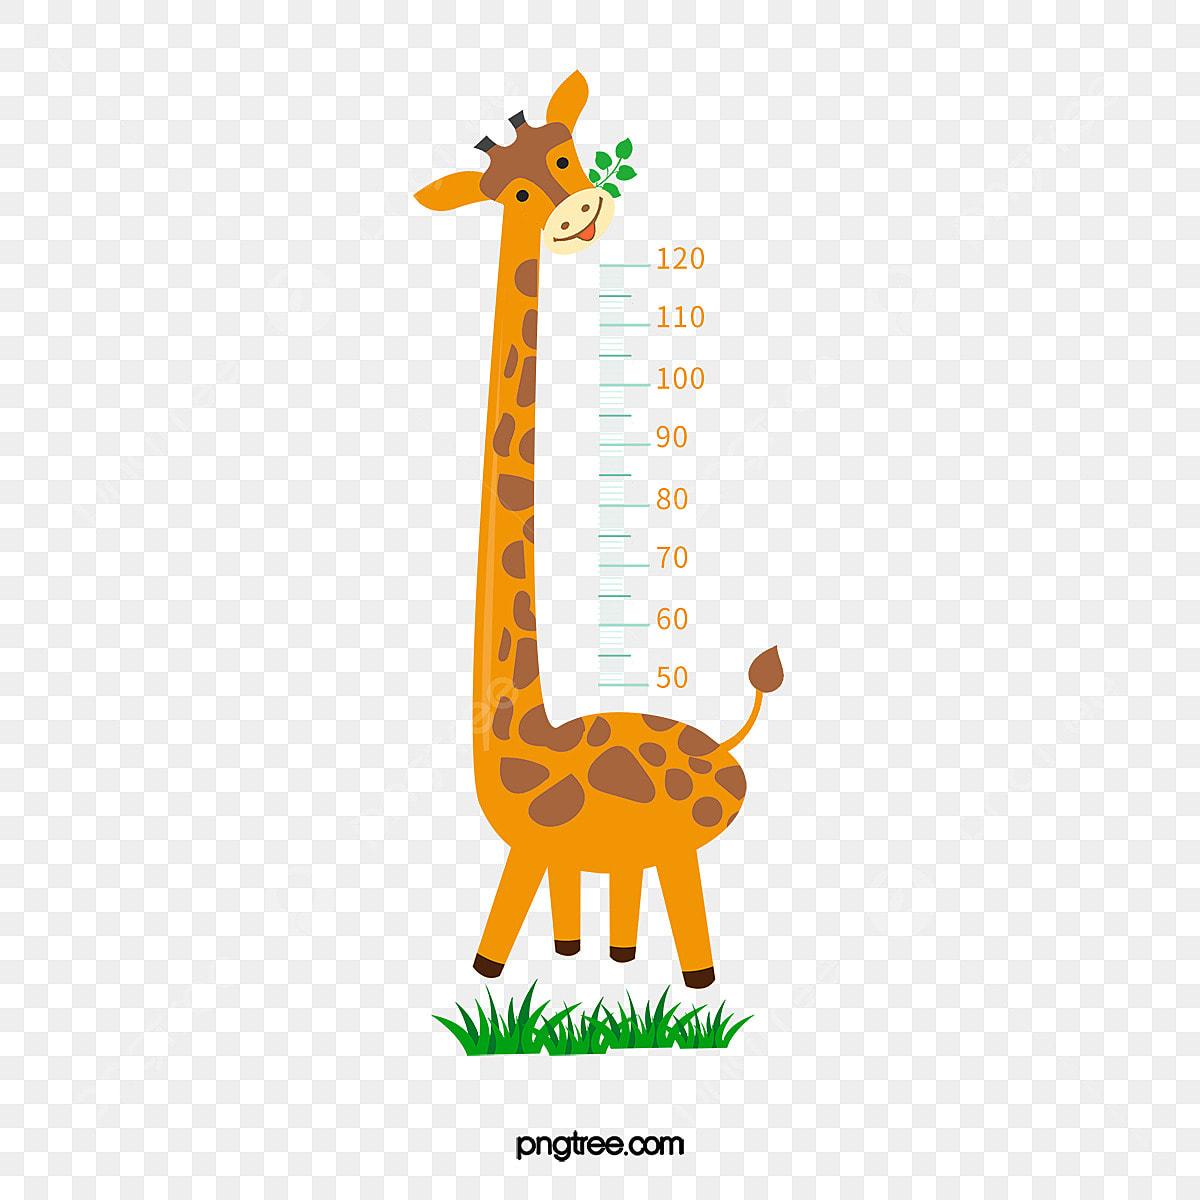 La Hauteur De La Girafe Dessin Regle Regle Fichier Png Et Psd Pour Le Telechargement Libre